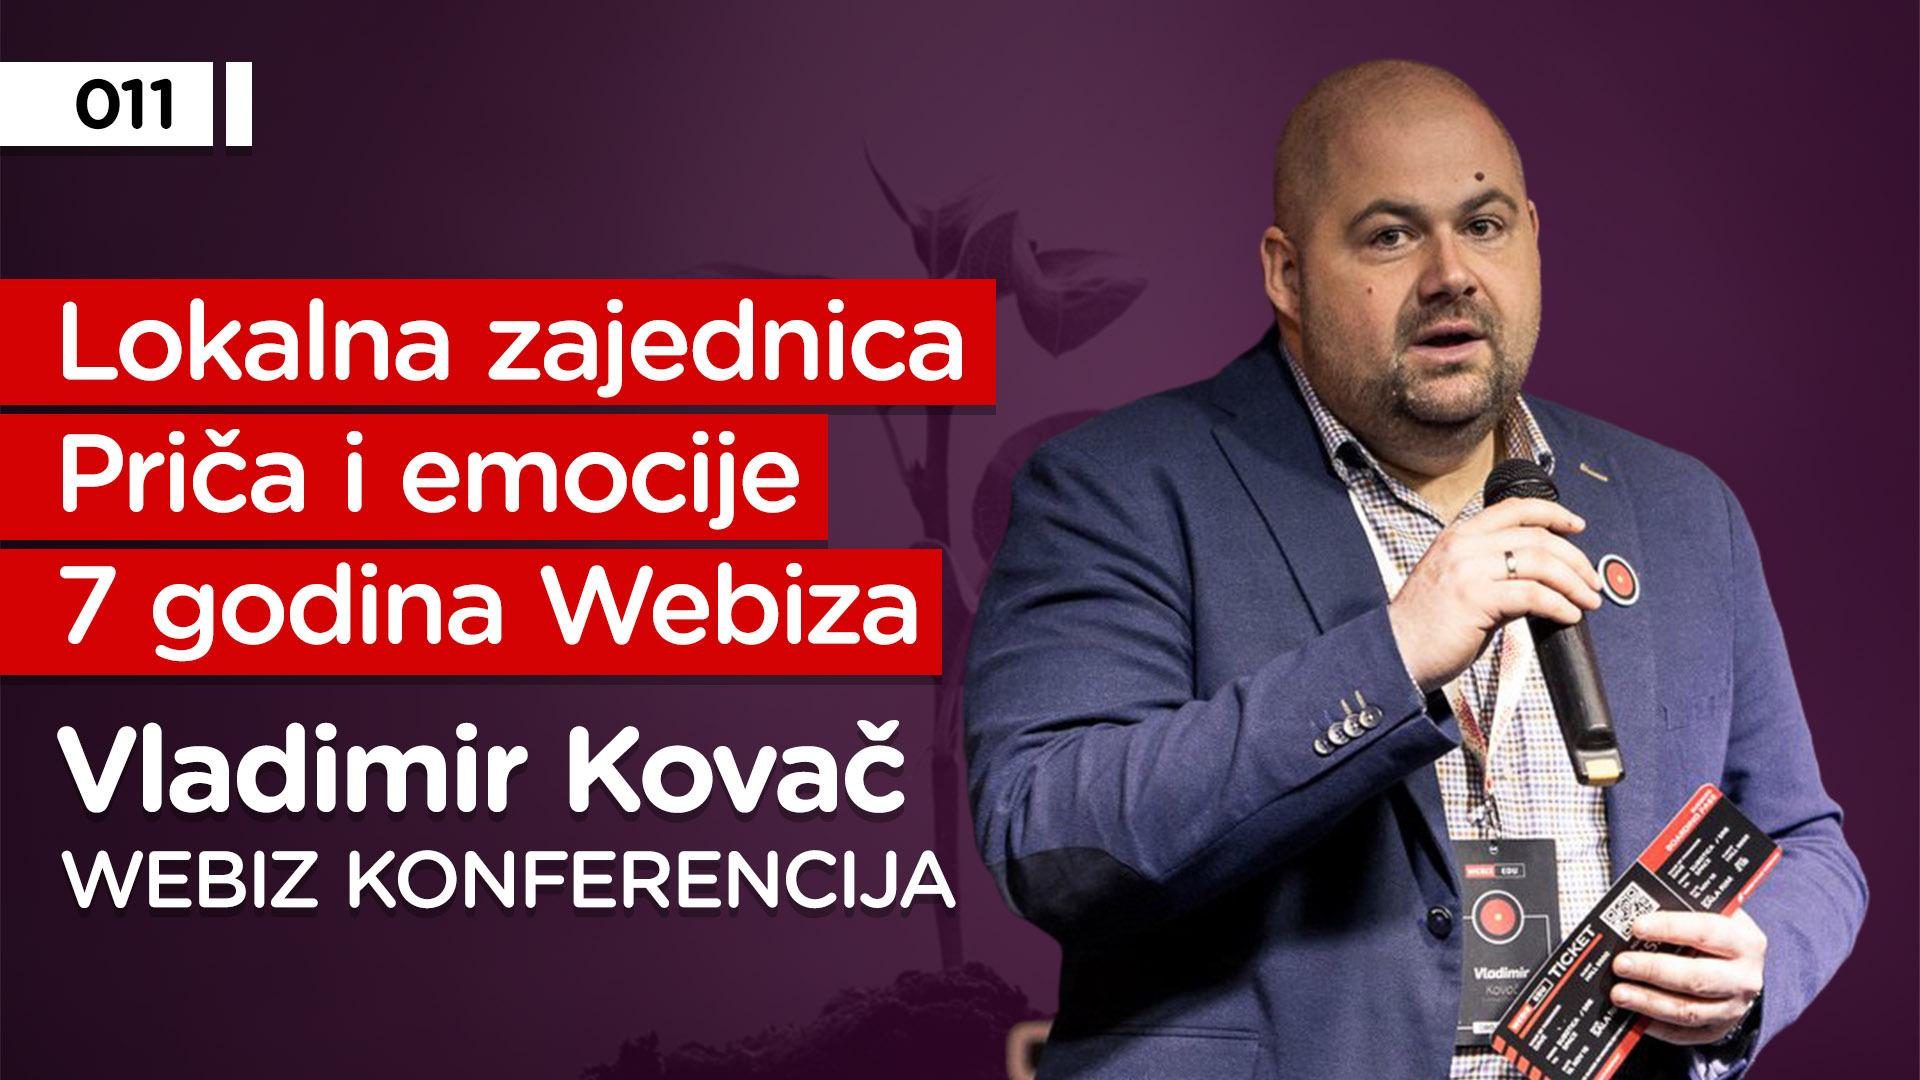 EP011: Vladimir Kovač